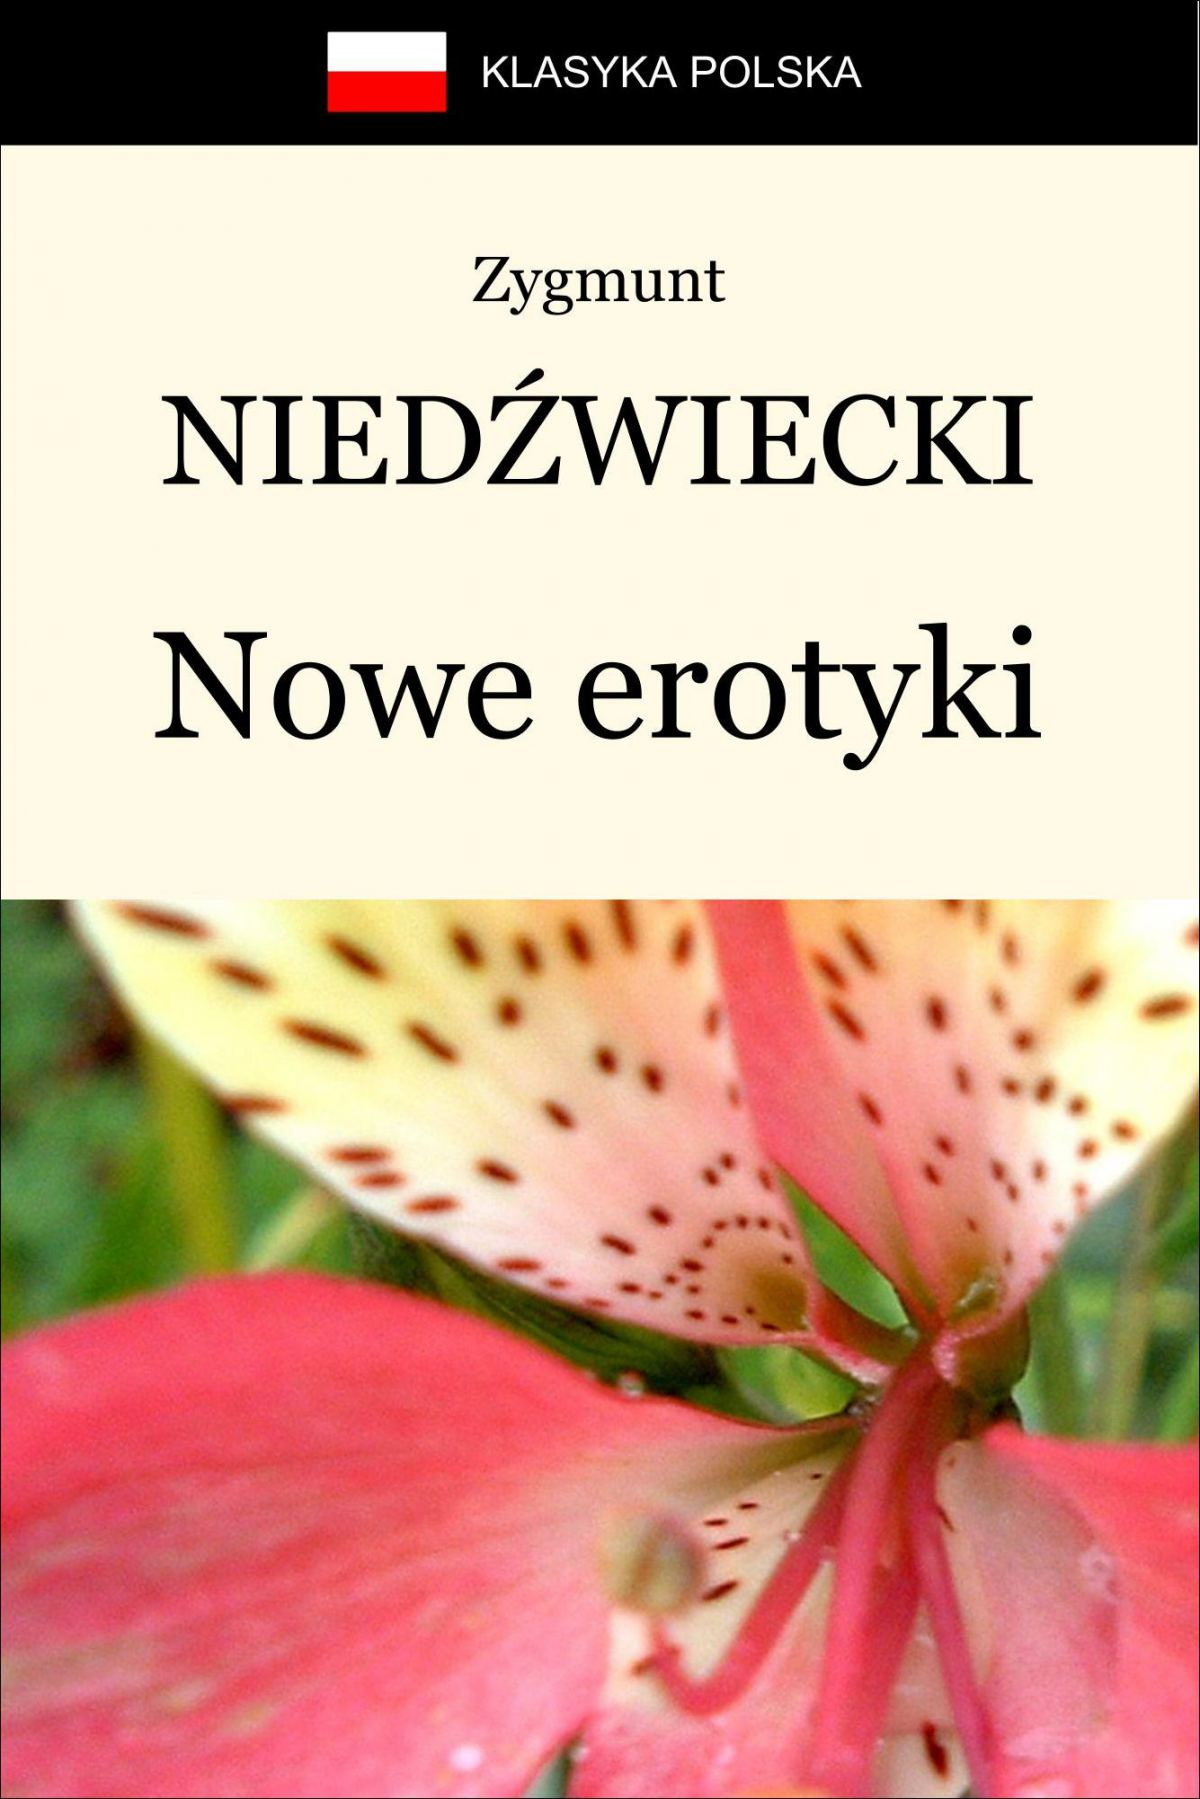 Nowe erotyki - Ebook (Książka EPUB) do pobrania w formacie EPUB